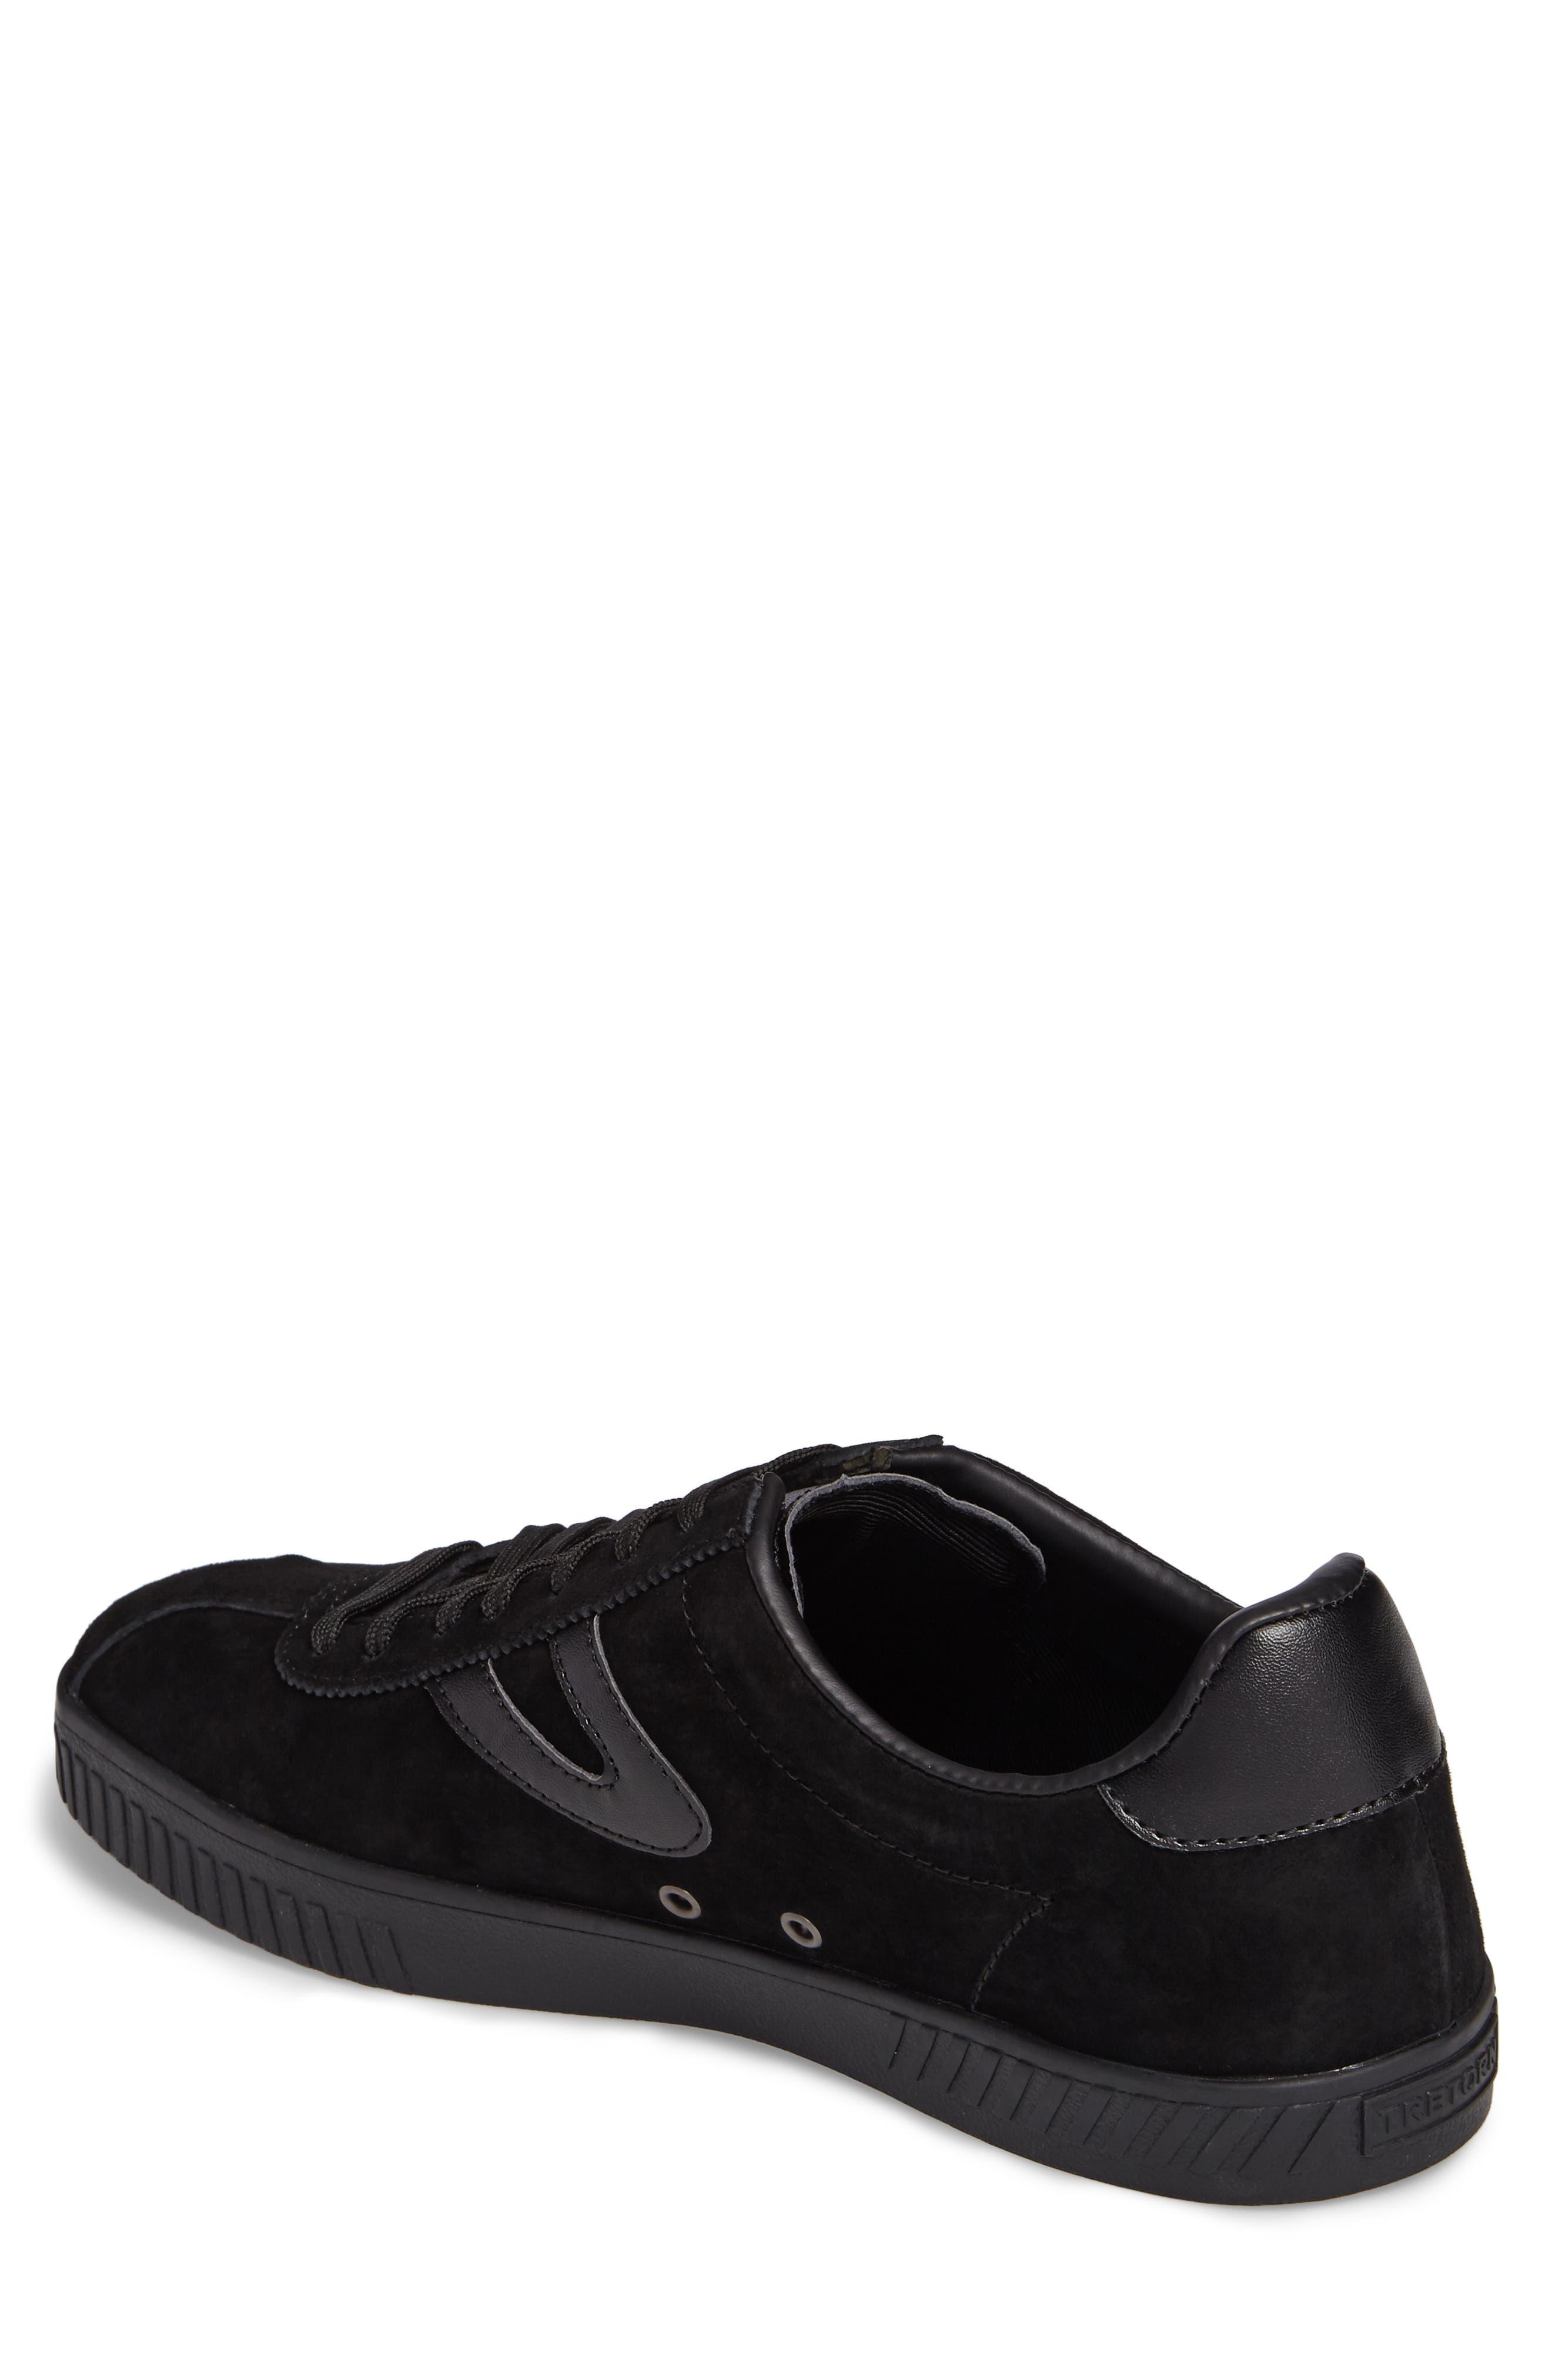 Camden 3 Sneaker,                             Alternate thumbnail 2, color,                             001